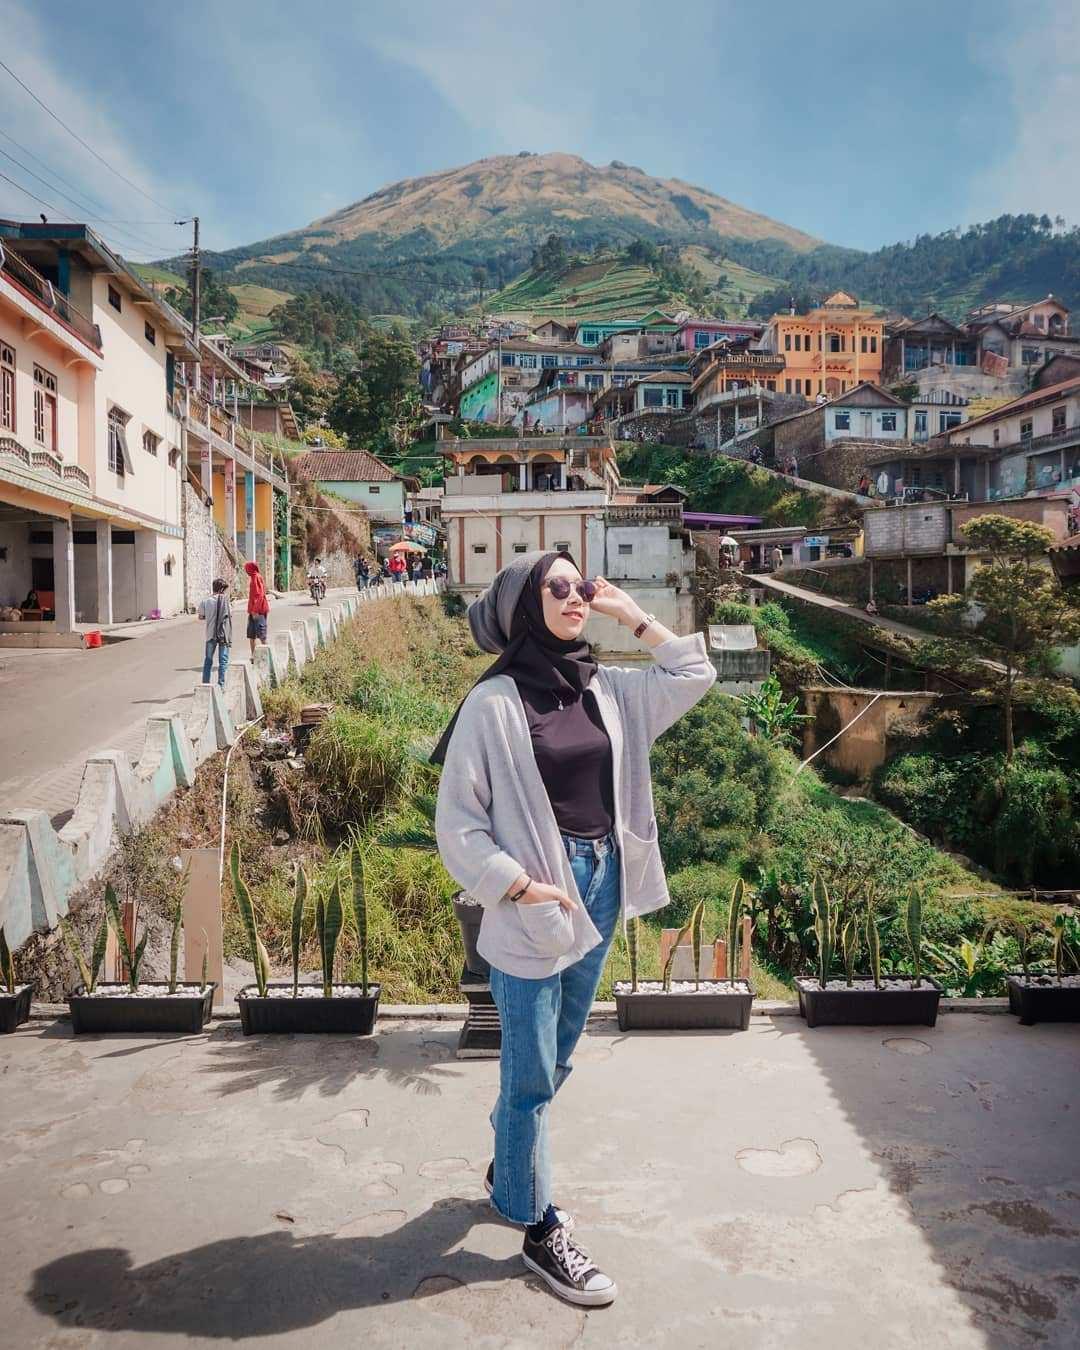 Berfoto di Nepal Van Java Magelang, Image From @nanang_adisusilo